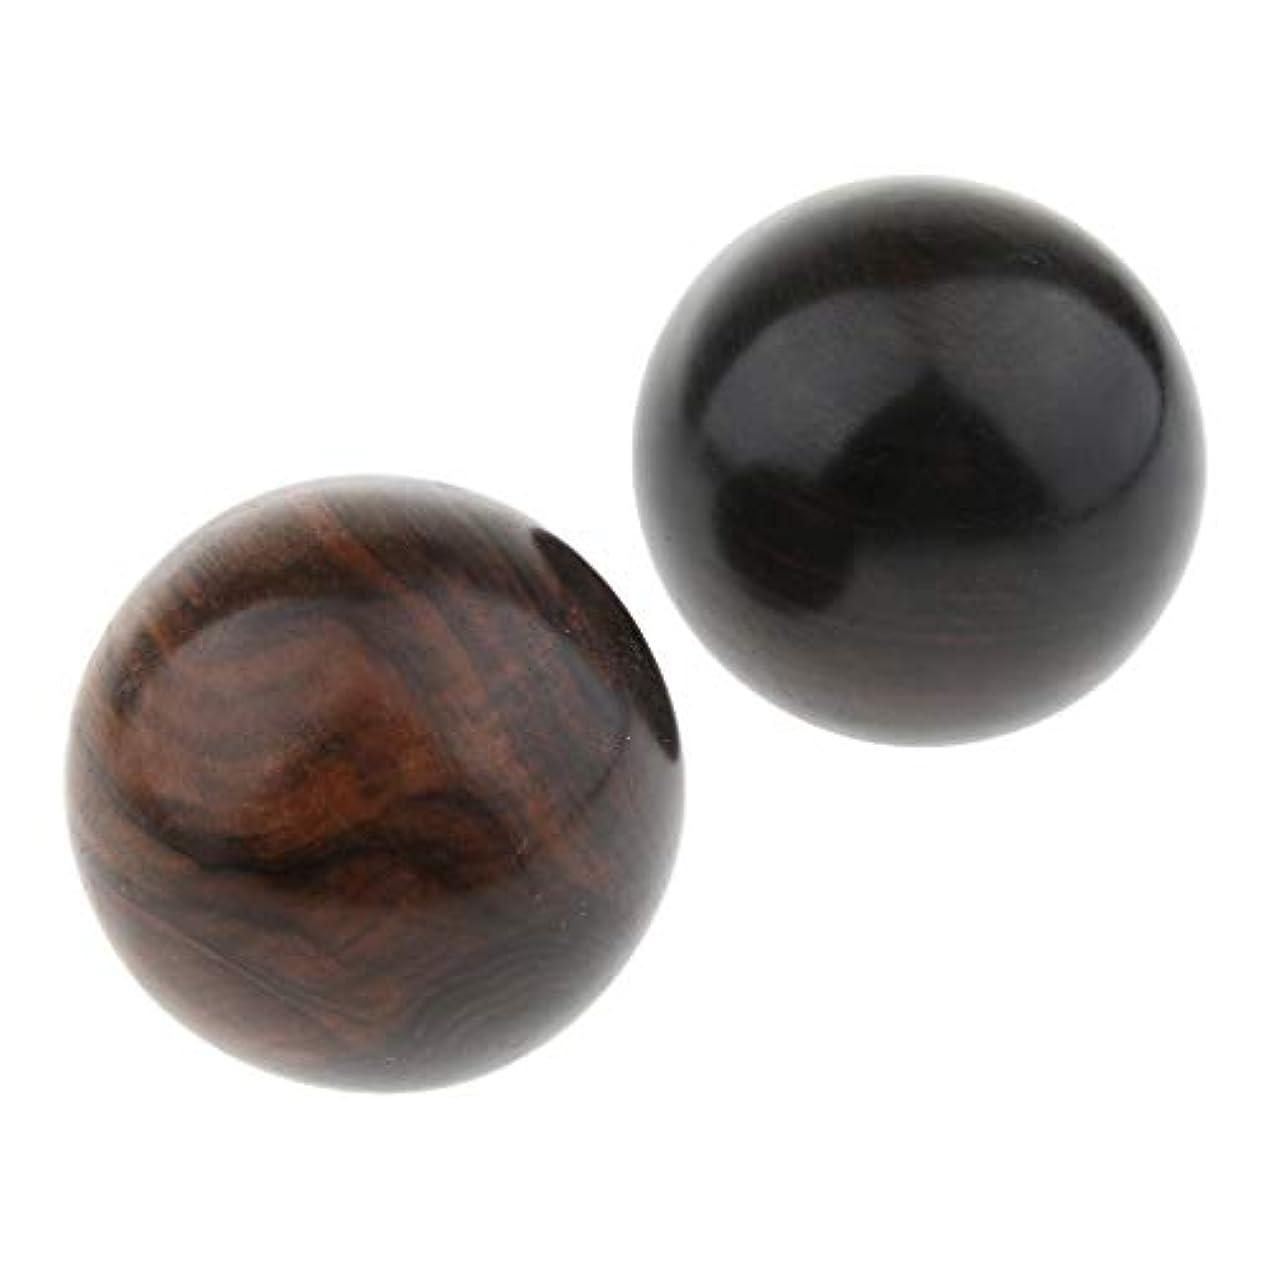 大通りエラー解決マッサージボール ハンドボール 鍛えるボール 木製 ストレス解消 運動 男性 女性 2個入